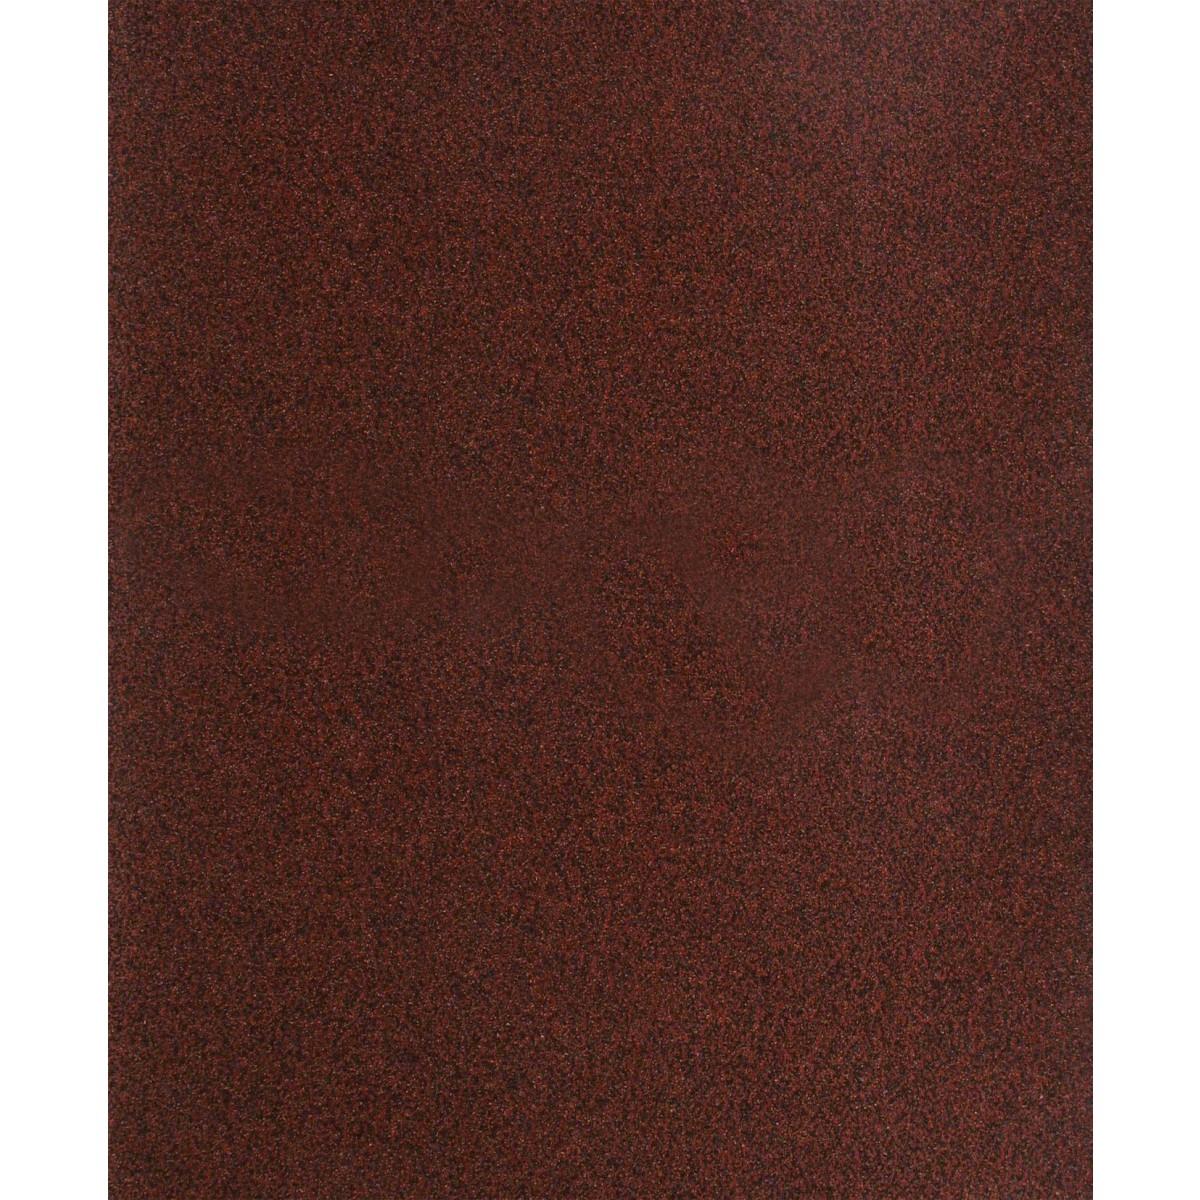 Papier corindon SCID - Grain 40 - Vendu par 4